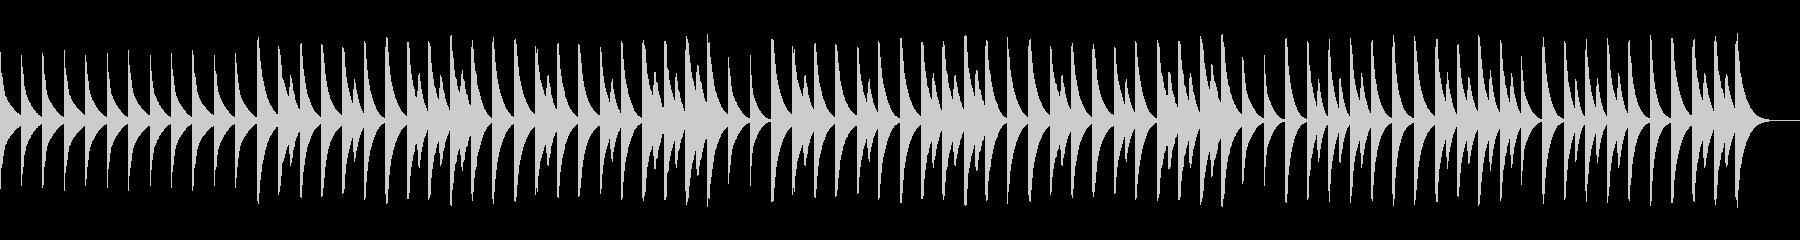 ピタゴラスイッチ風、三拍子の木琴BGMの未再生の波形